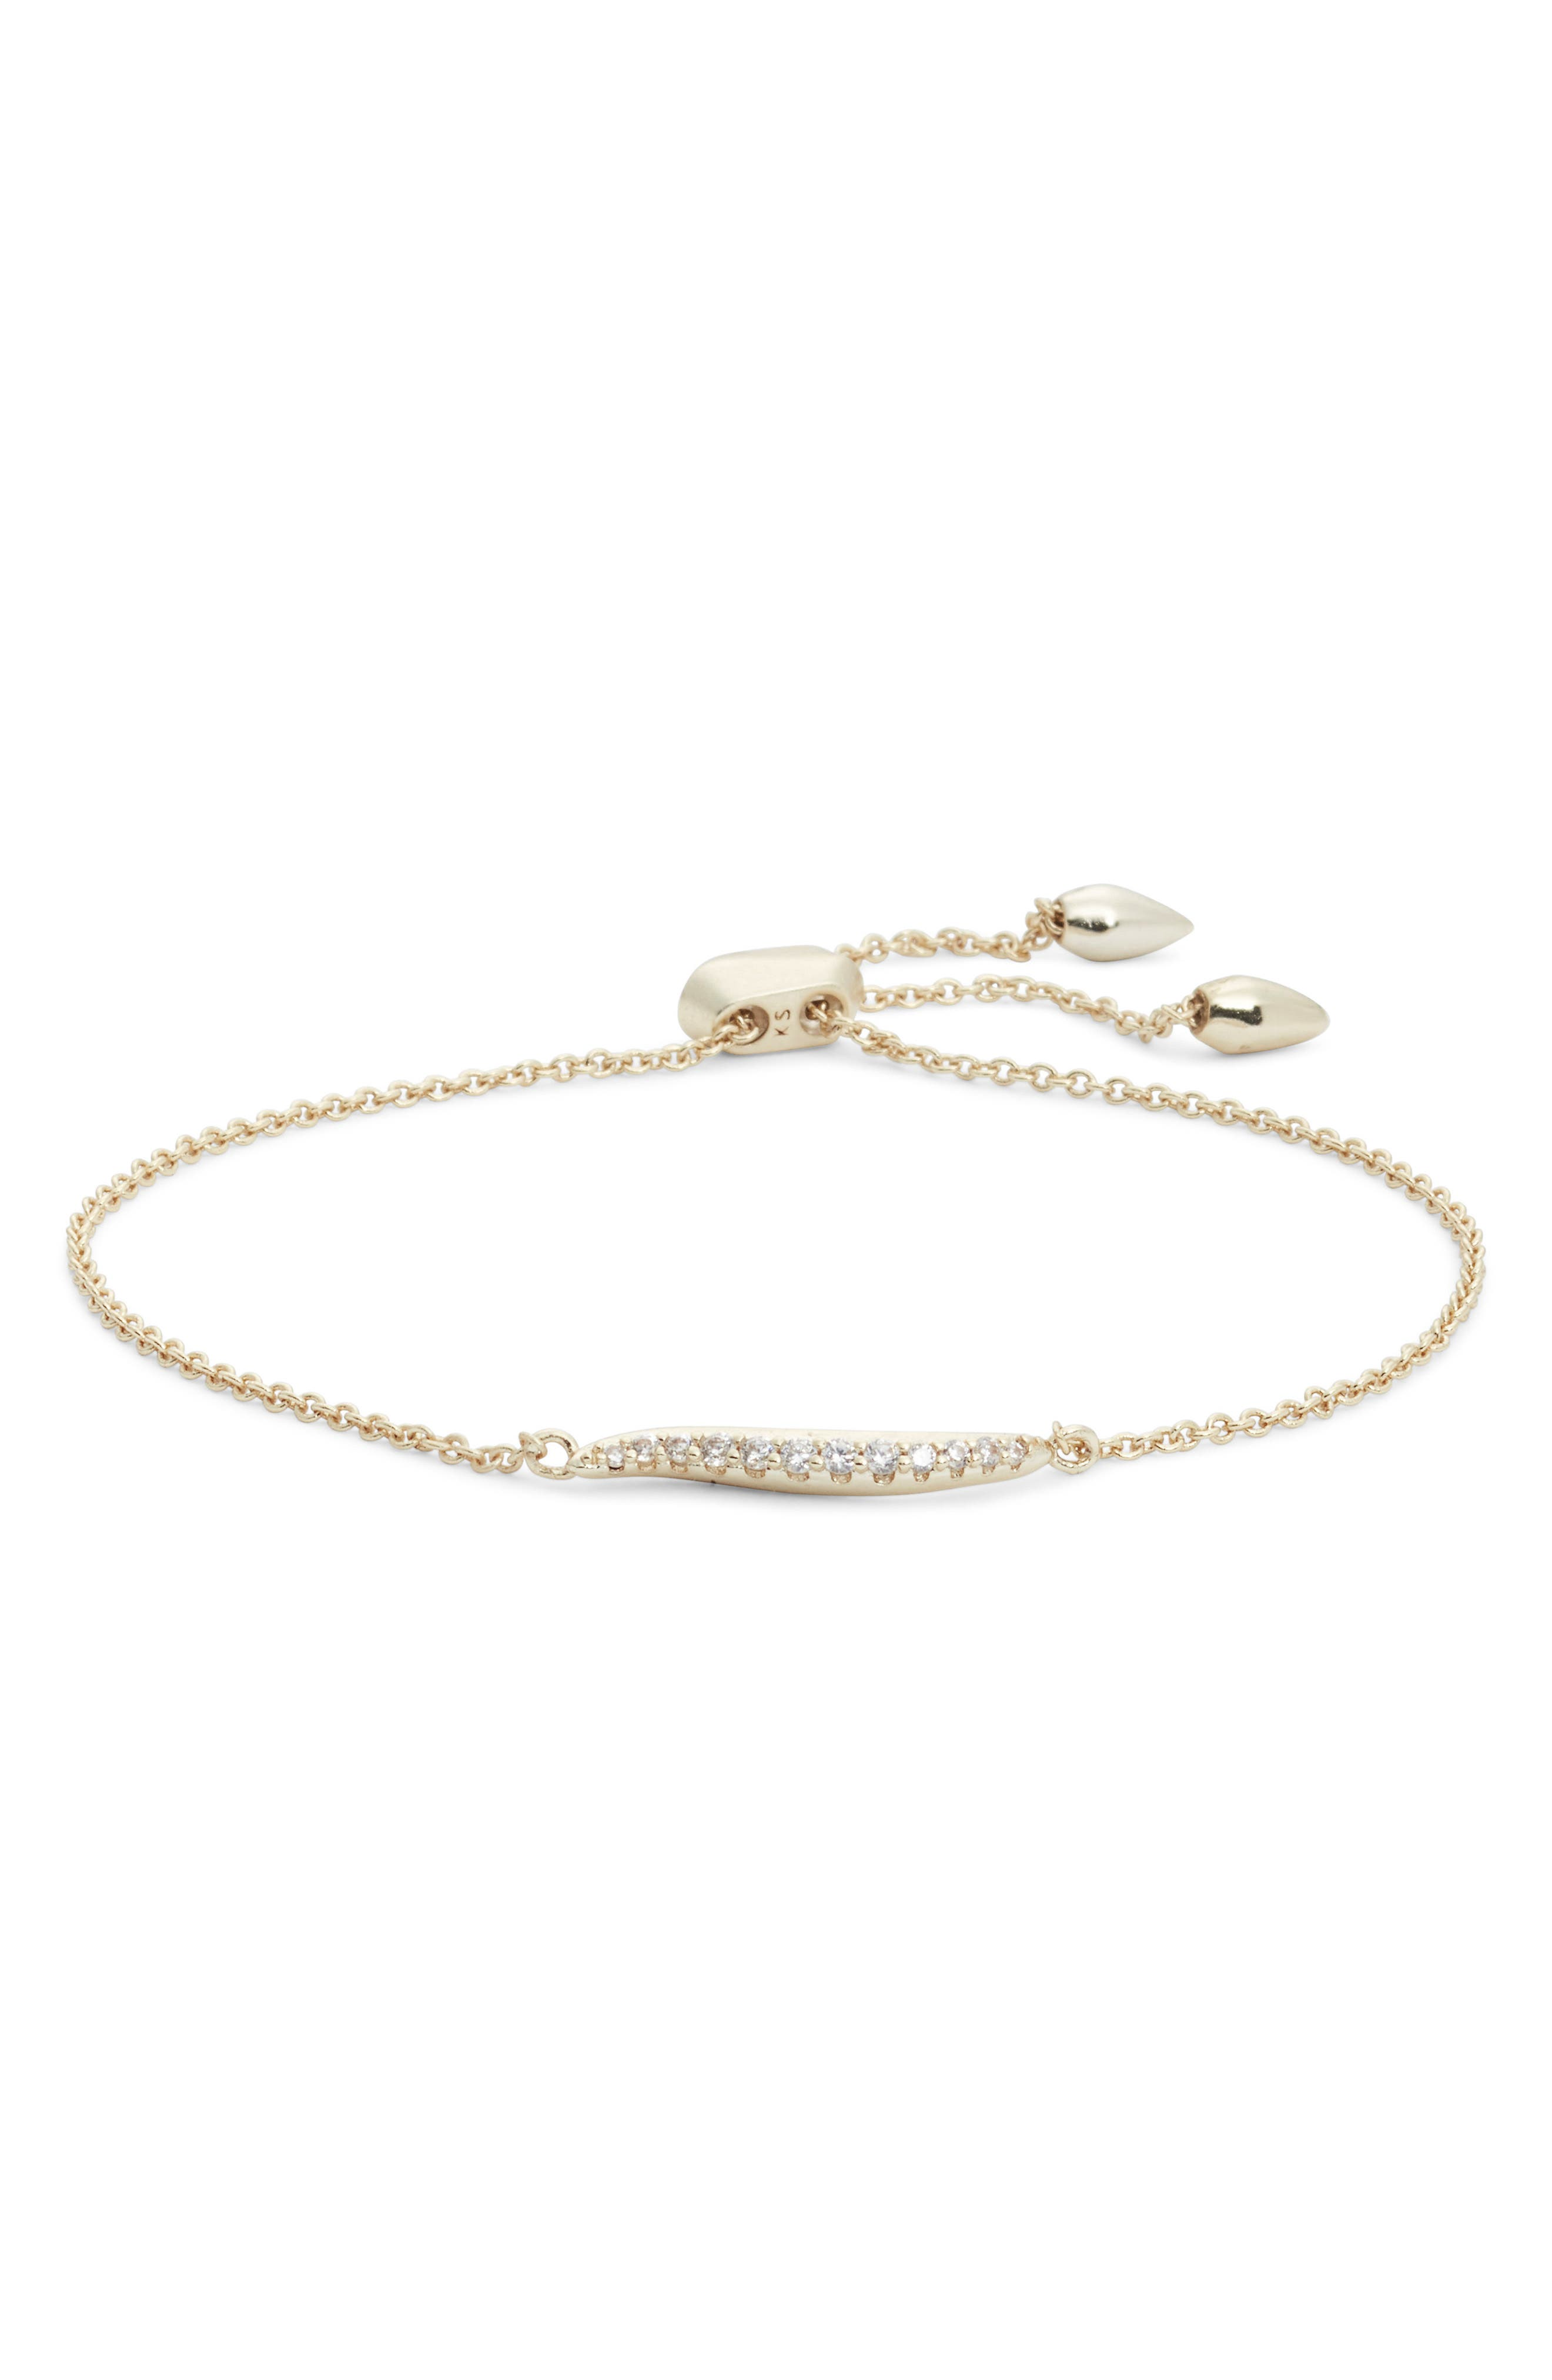 Jemmina Adjustable Bracelet,                         Main,                         color, 710